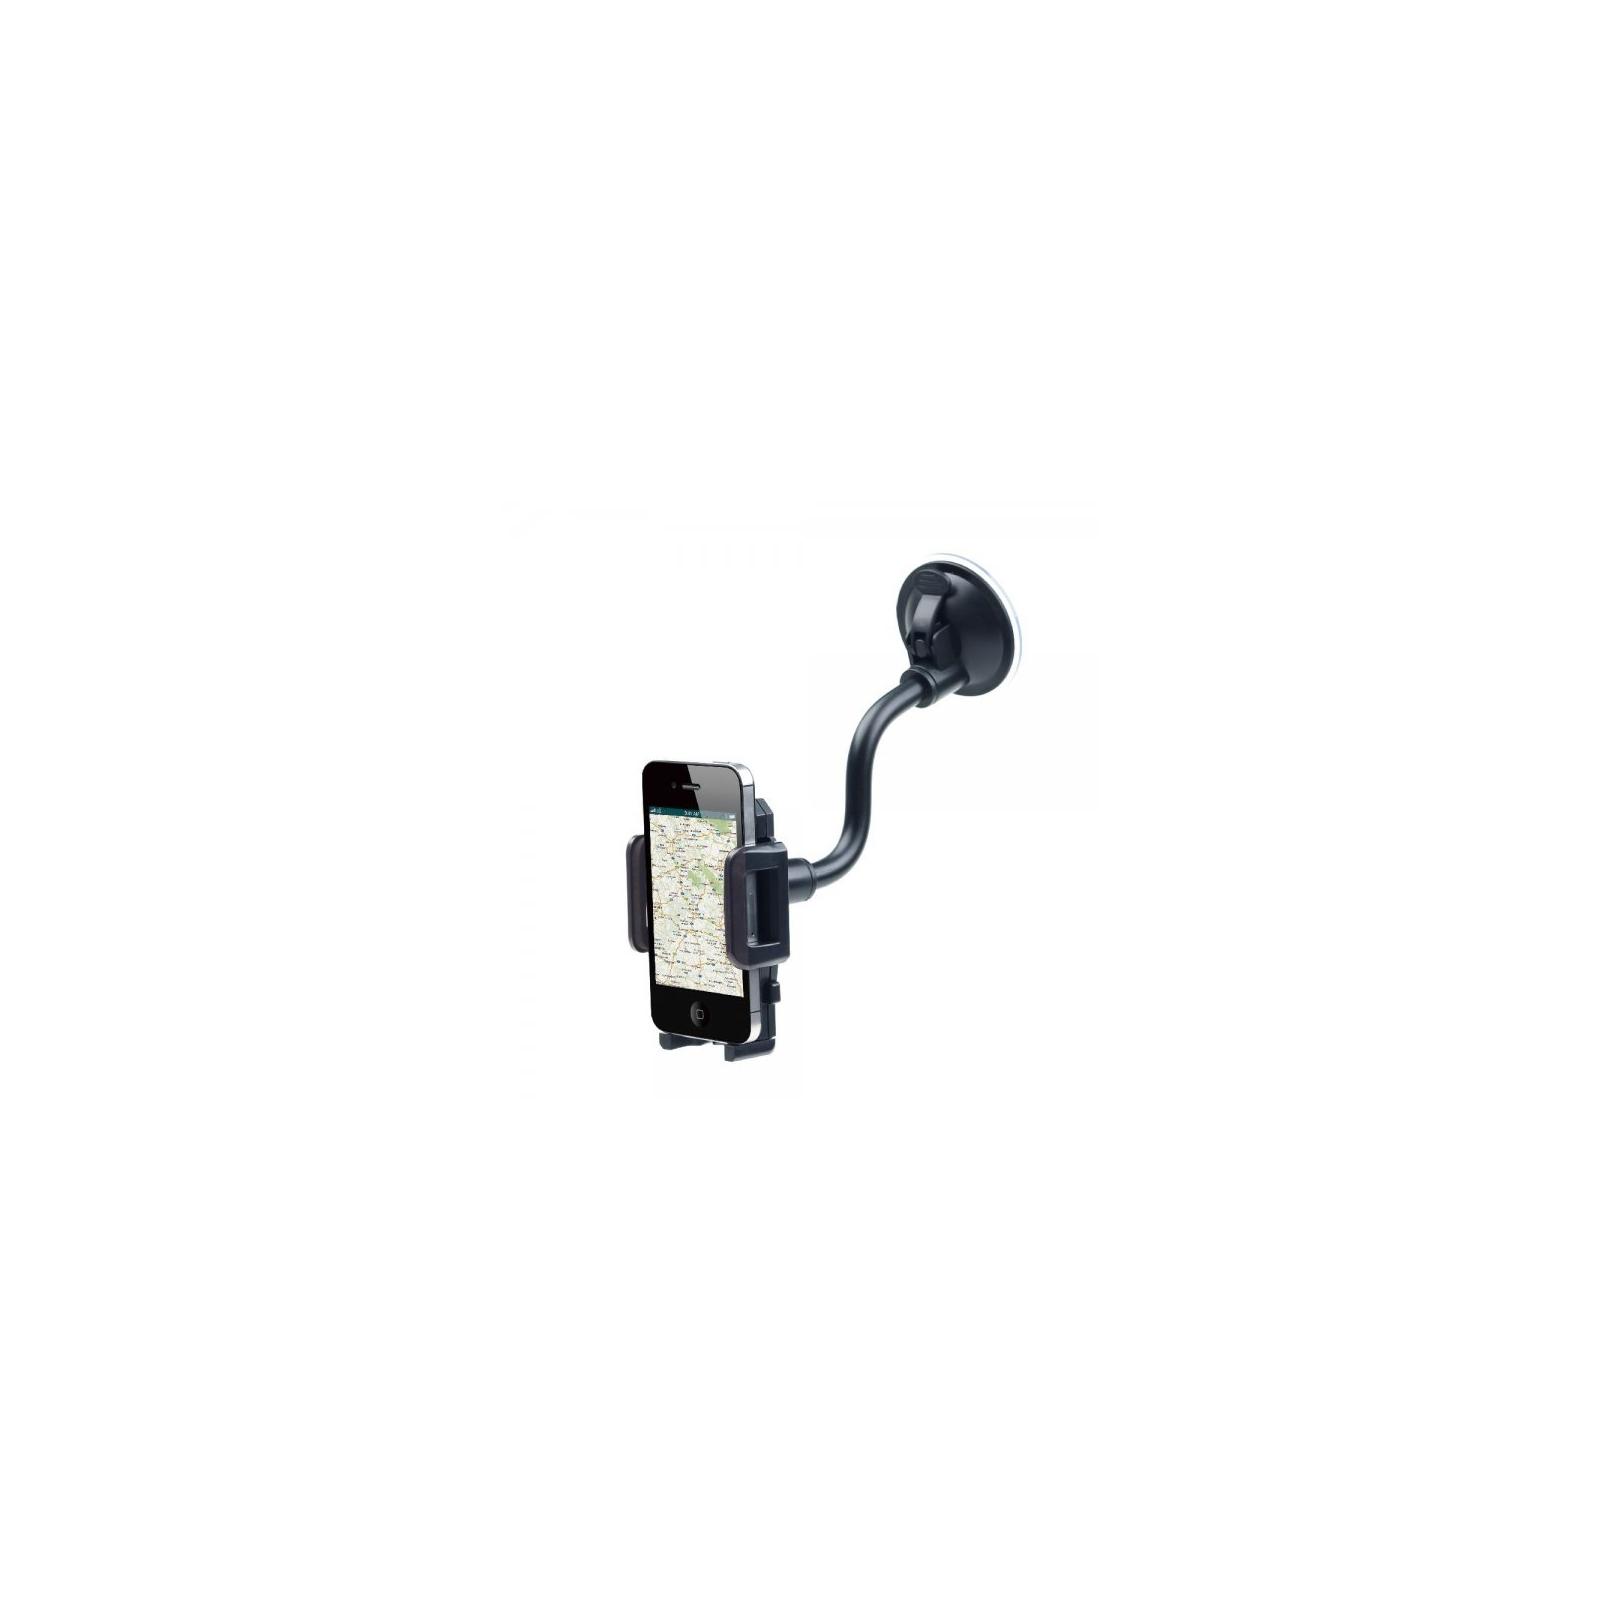 Универсальный автодержатель GEMBIRD для телефона, крепление на стекло (TA-CHW-02) изображение 6